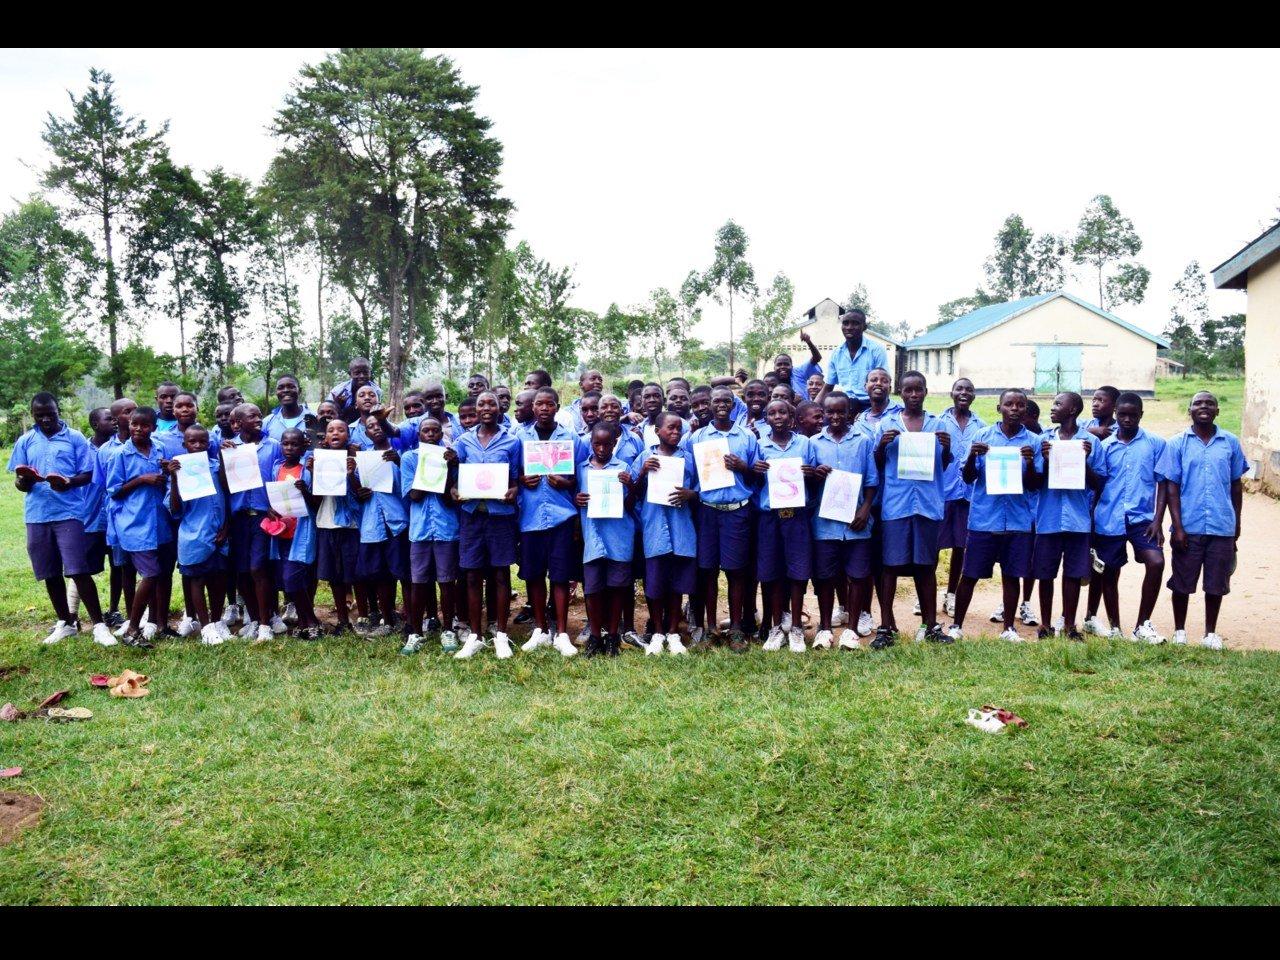 更生学校や、障がいのある子どもが通う学校で、シューズを寄贈。みんなが笑顔で、大喜びでした。